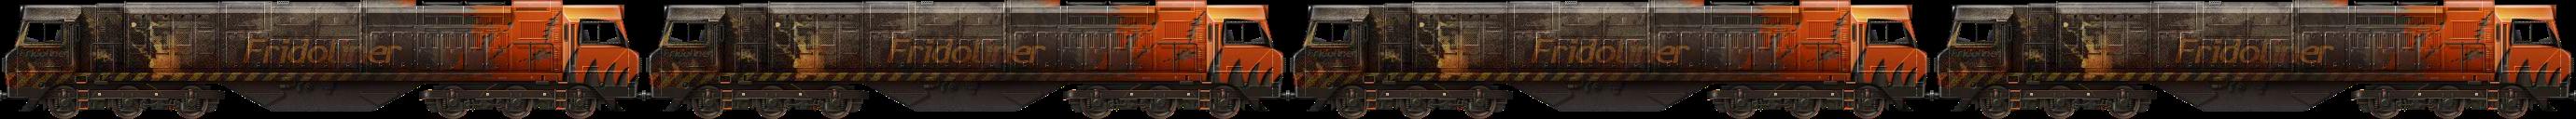 Cargo Devourer I